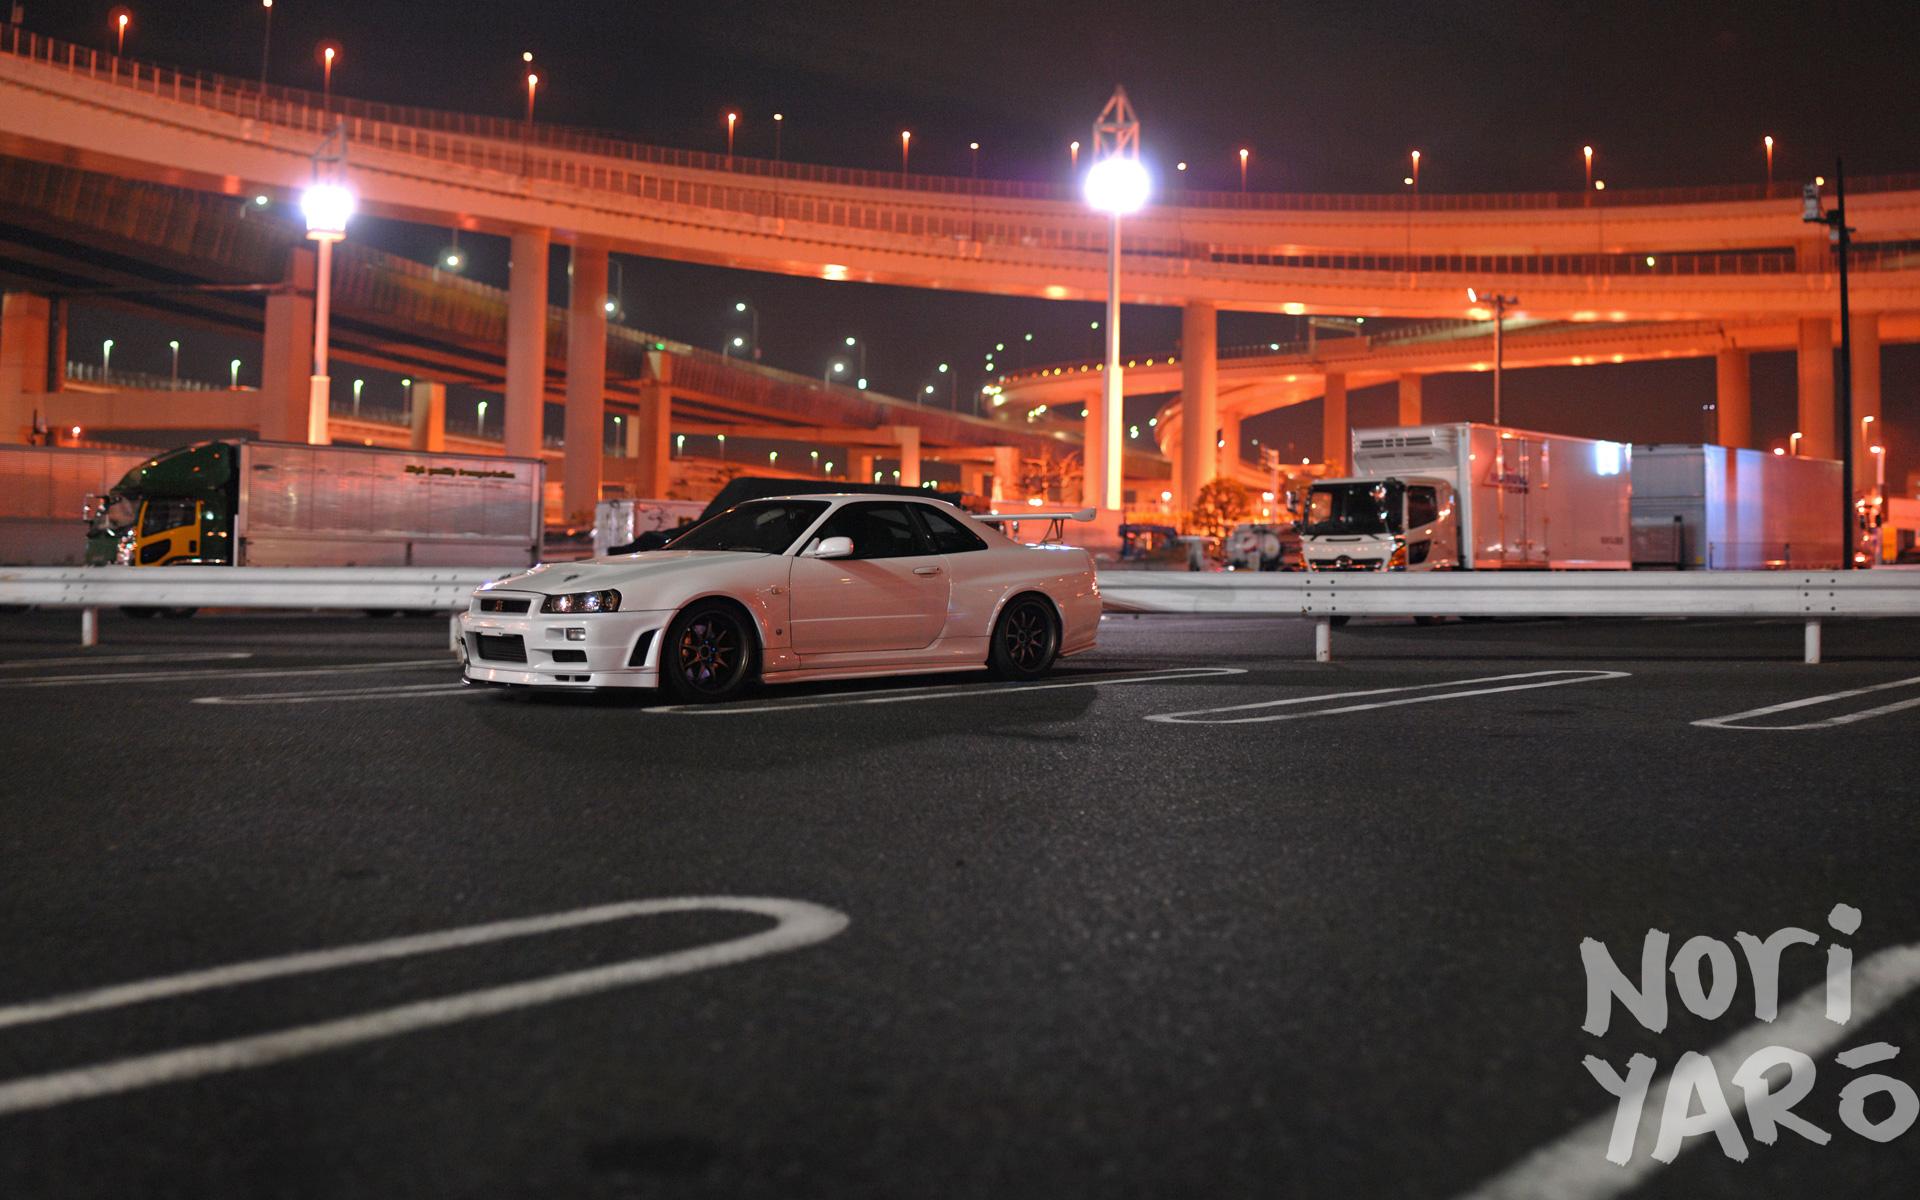 Skyline Car Wallpaper Hd Daikoku Futo Noriyaro